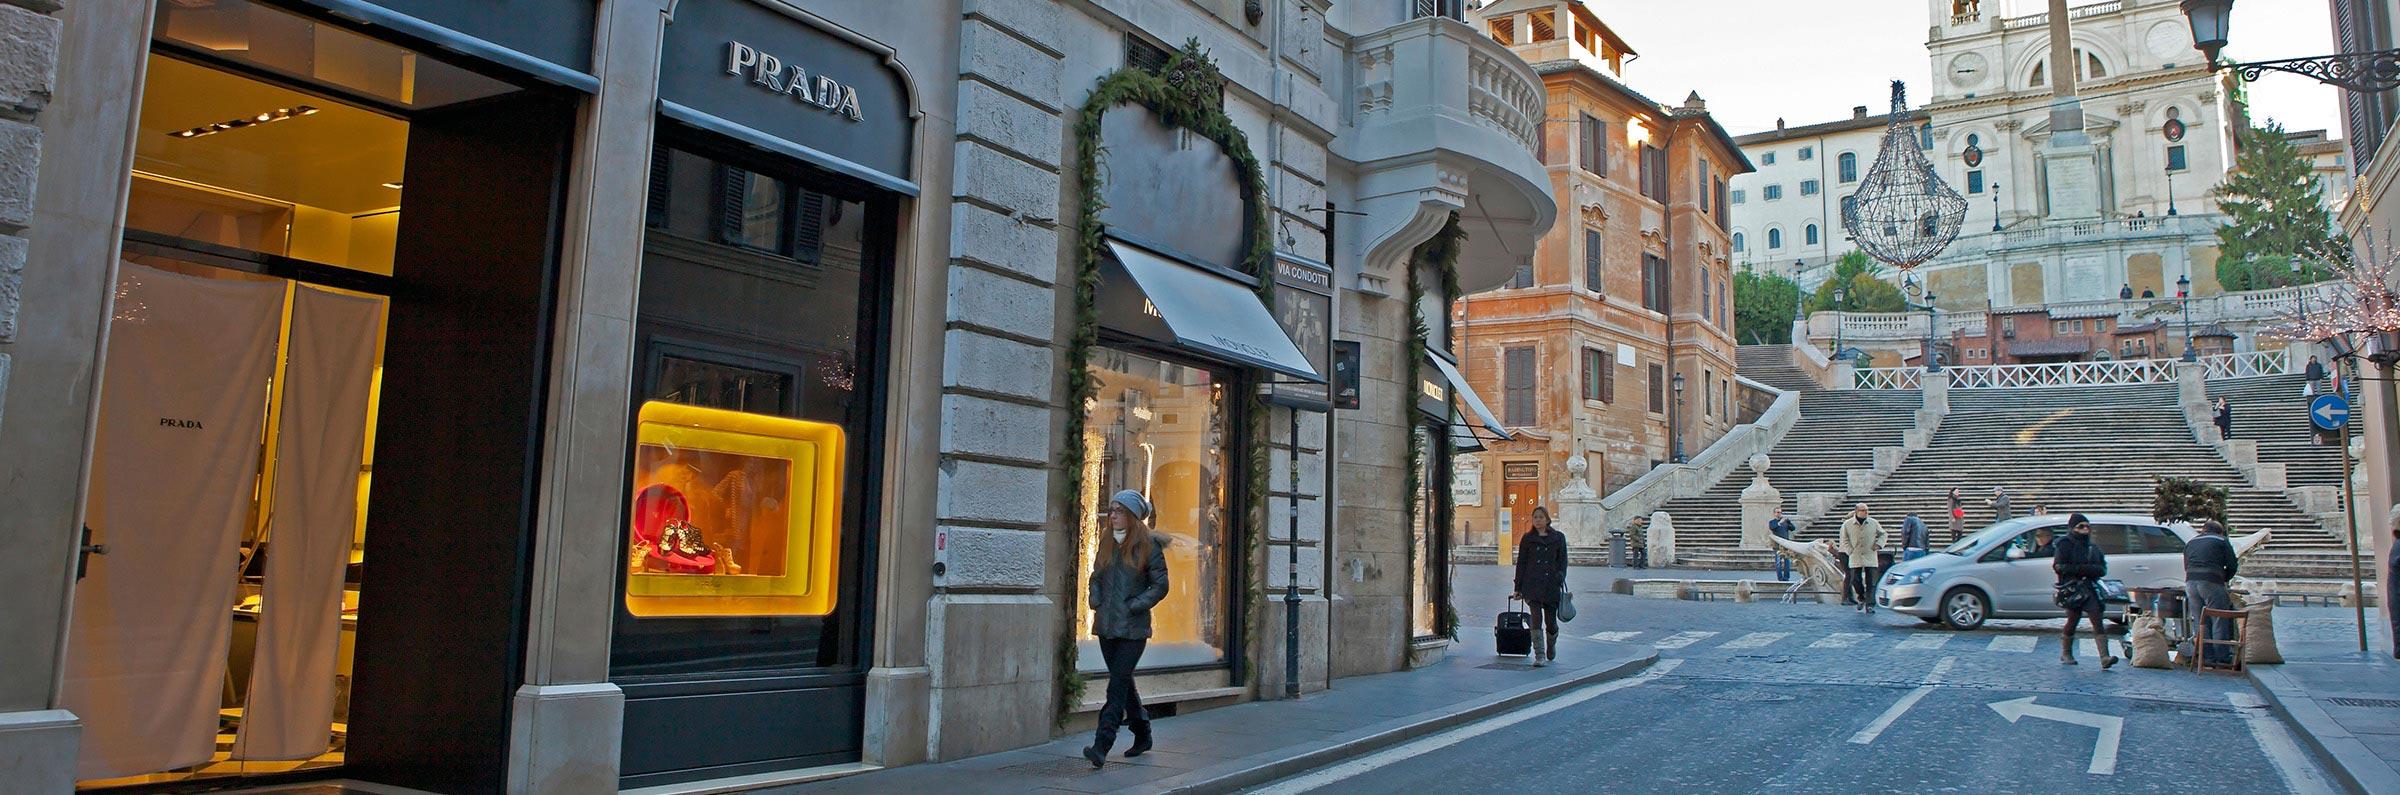 Compras in Roma